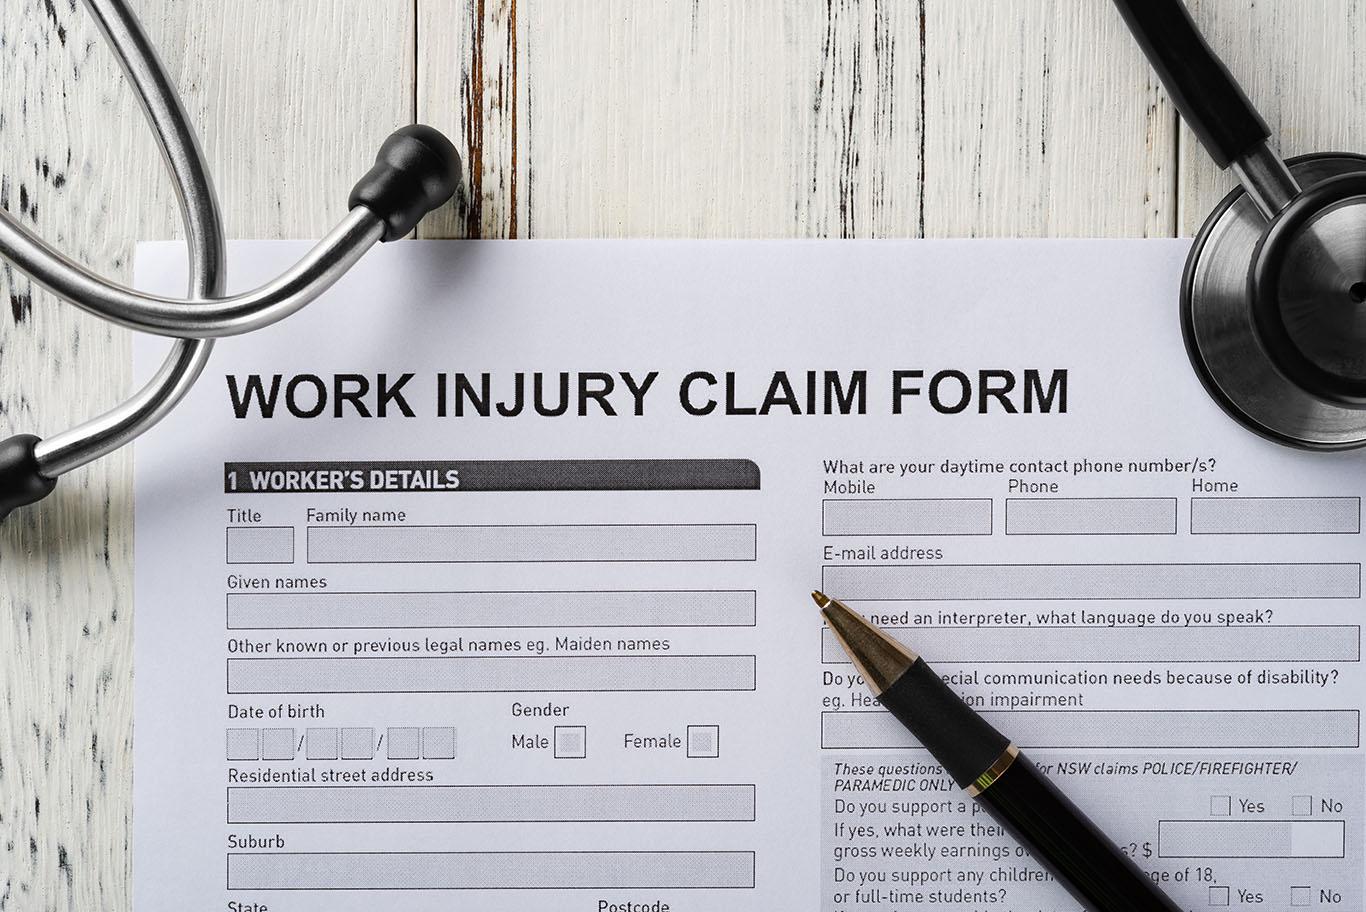 Preguntas frecuentes sobre la solicitud de reclamación de indemnización laboral